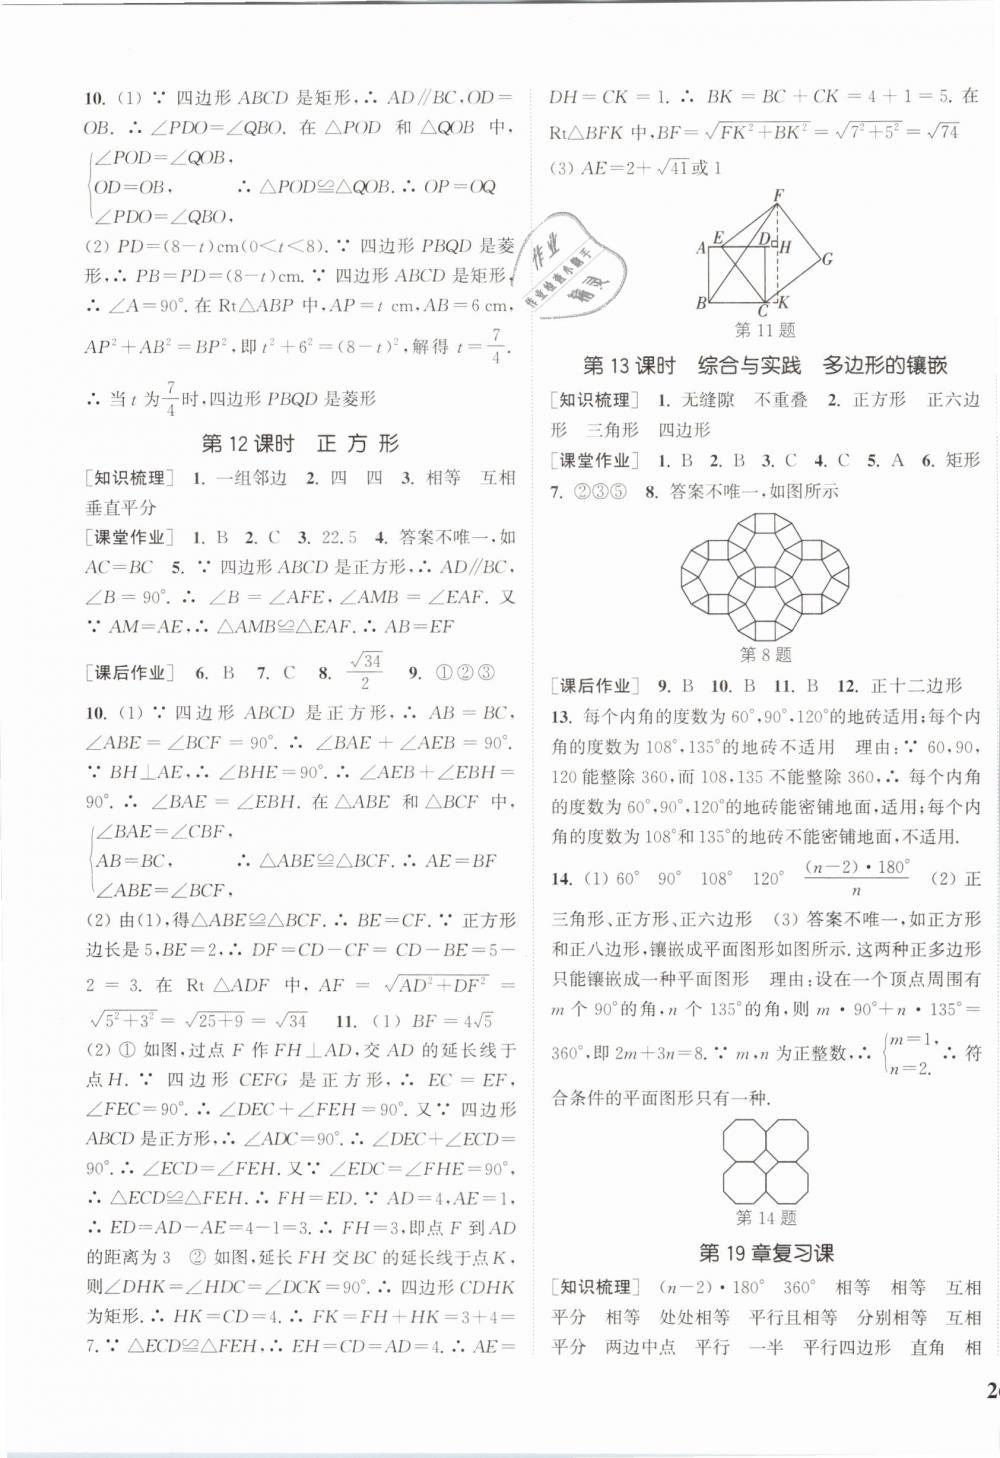 2019年通城学典课时作业本八年级数学下册沪科版第15页